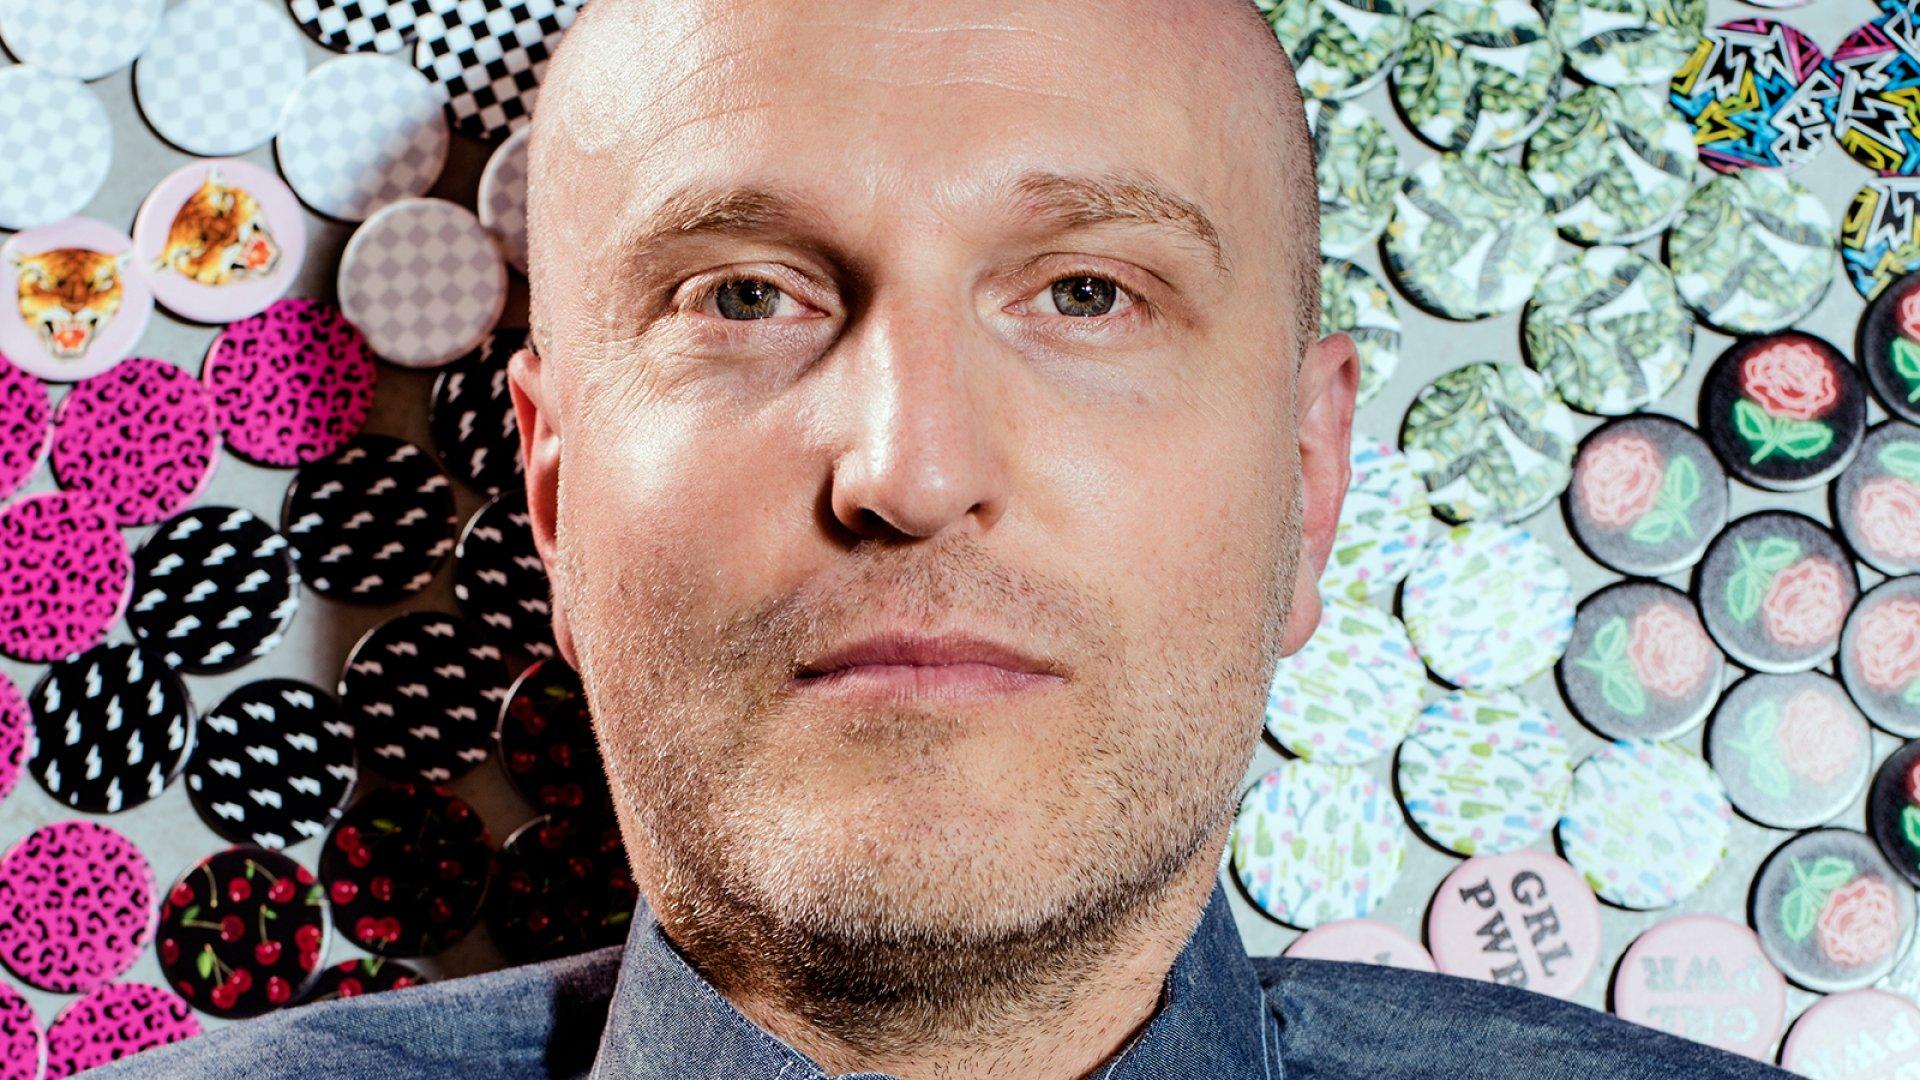 PopSockets founder David Barnett.